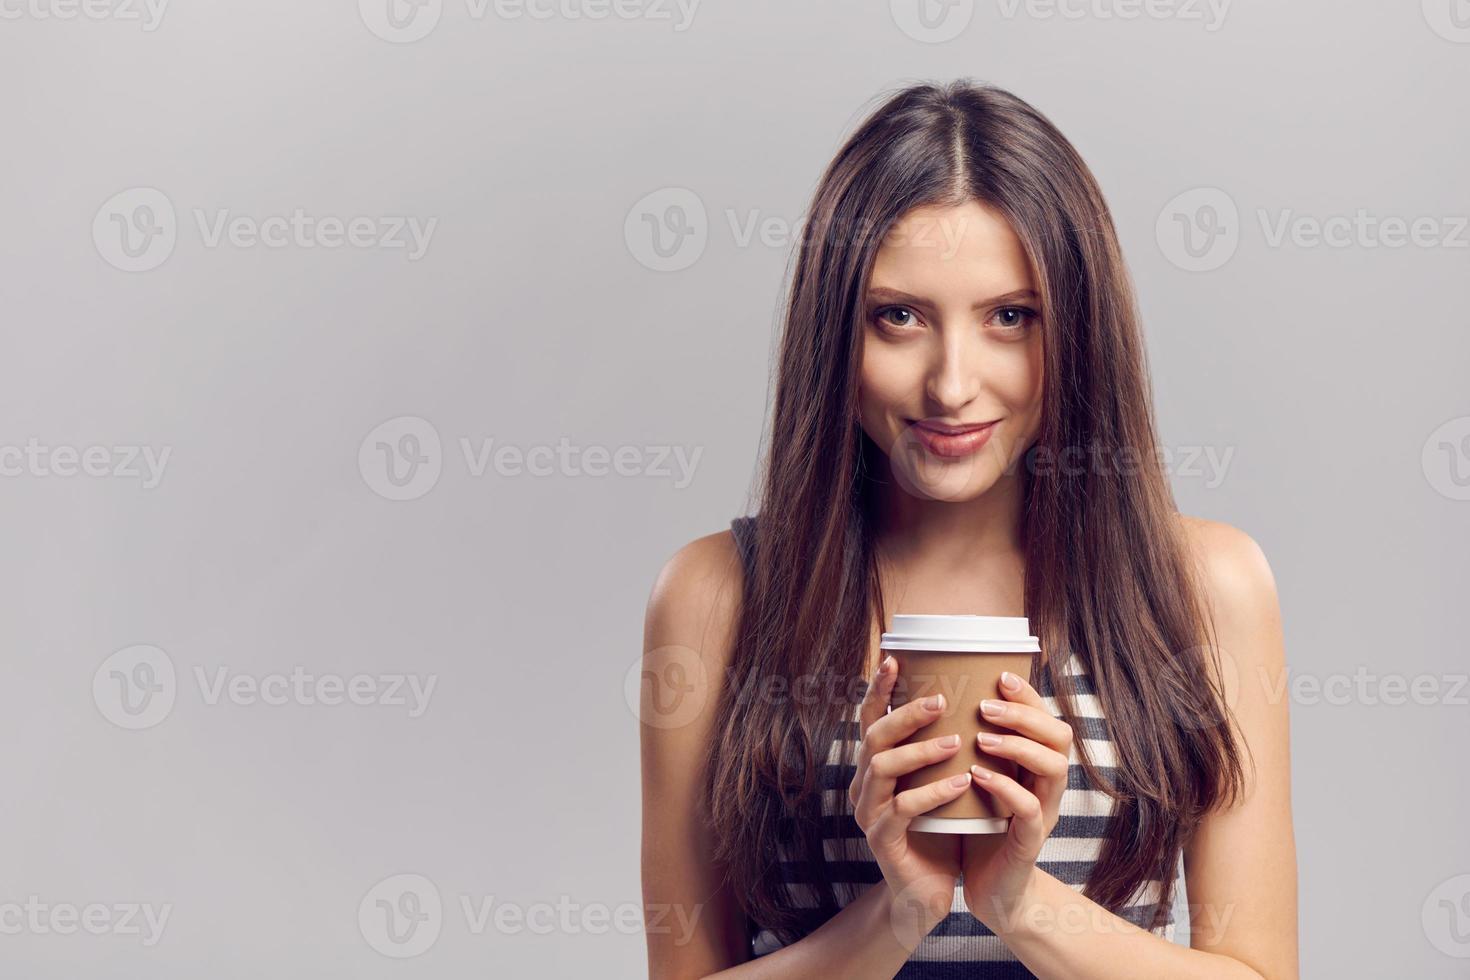 vrouw warme drank drinken uit wegwerp papieren beker foto